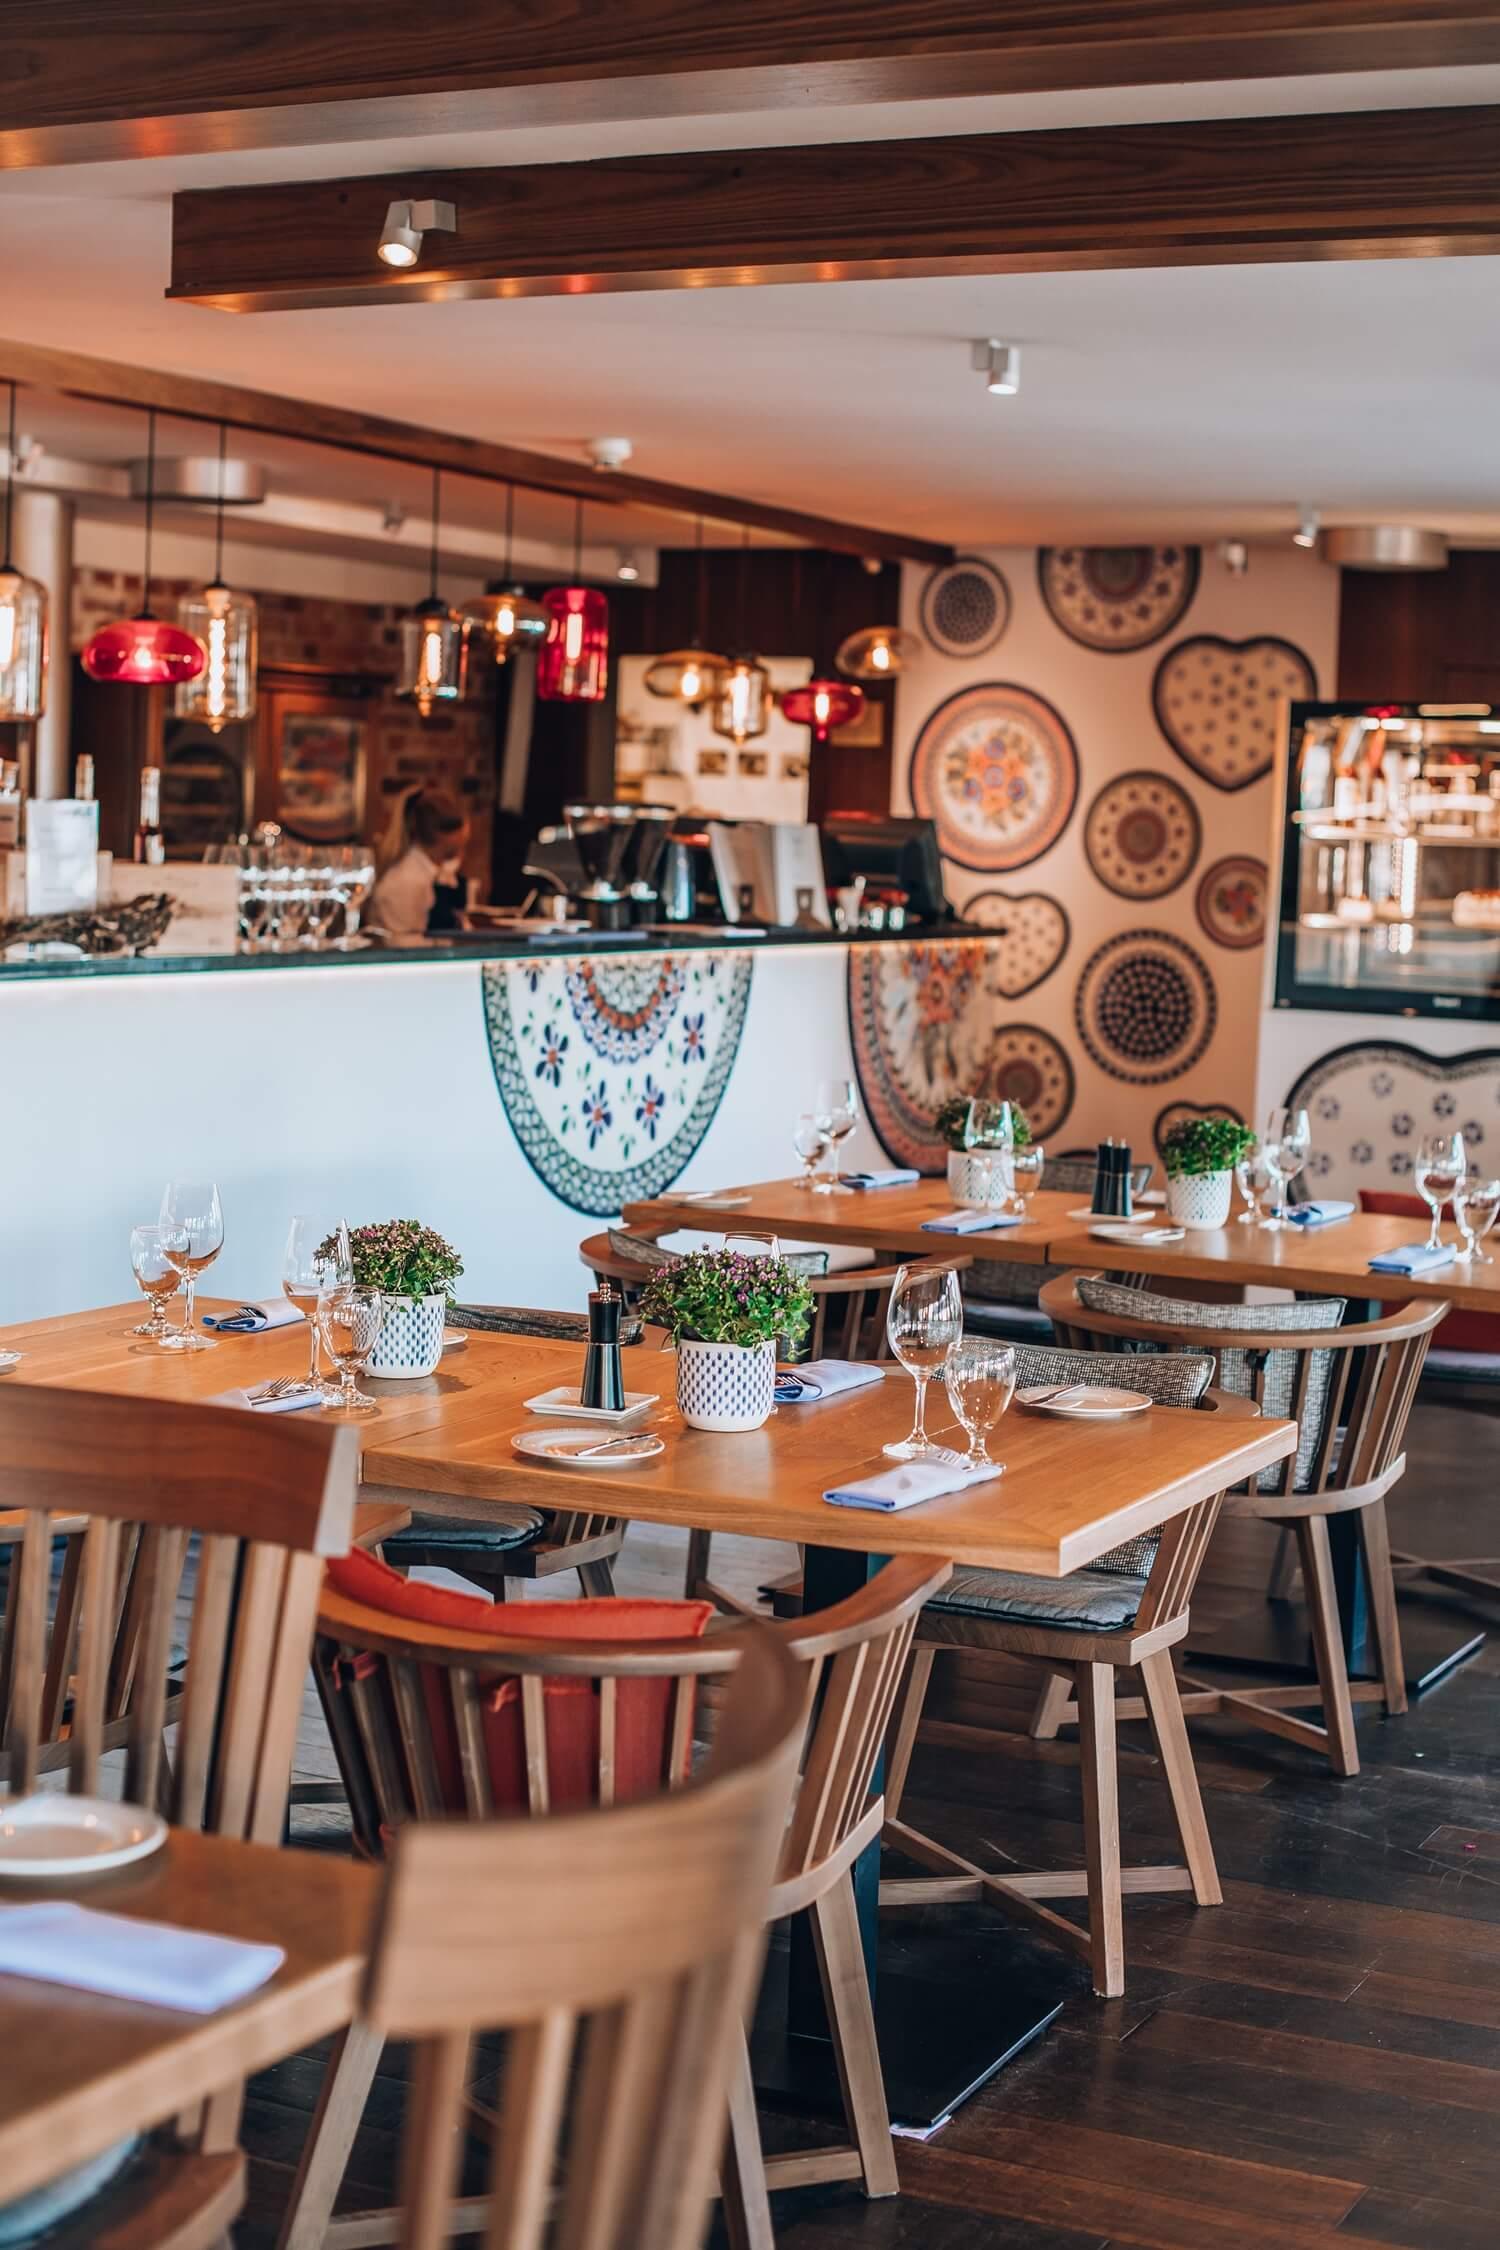 Insite of Cafe Polskie Smaki restaurant in Sopot